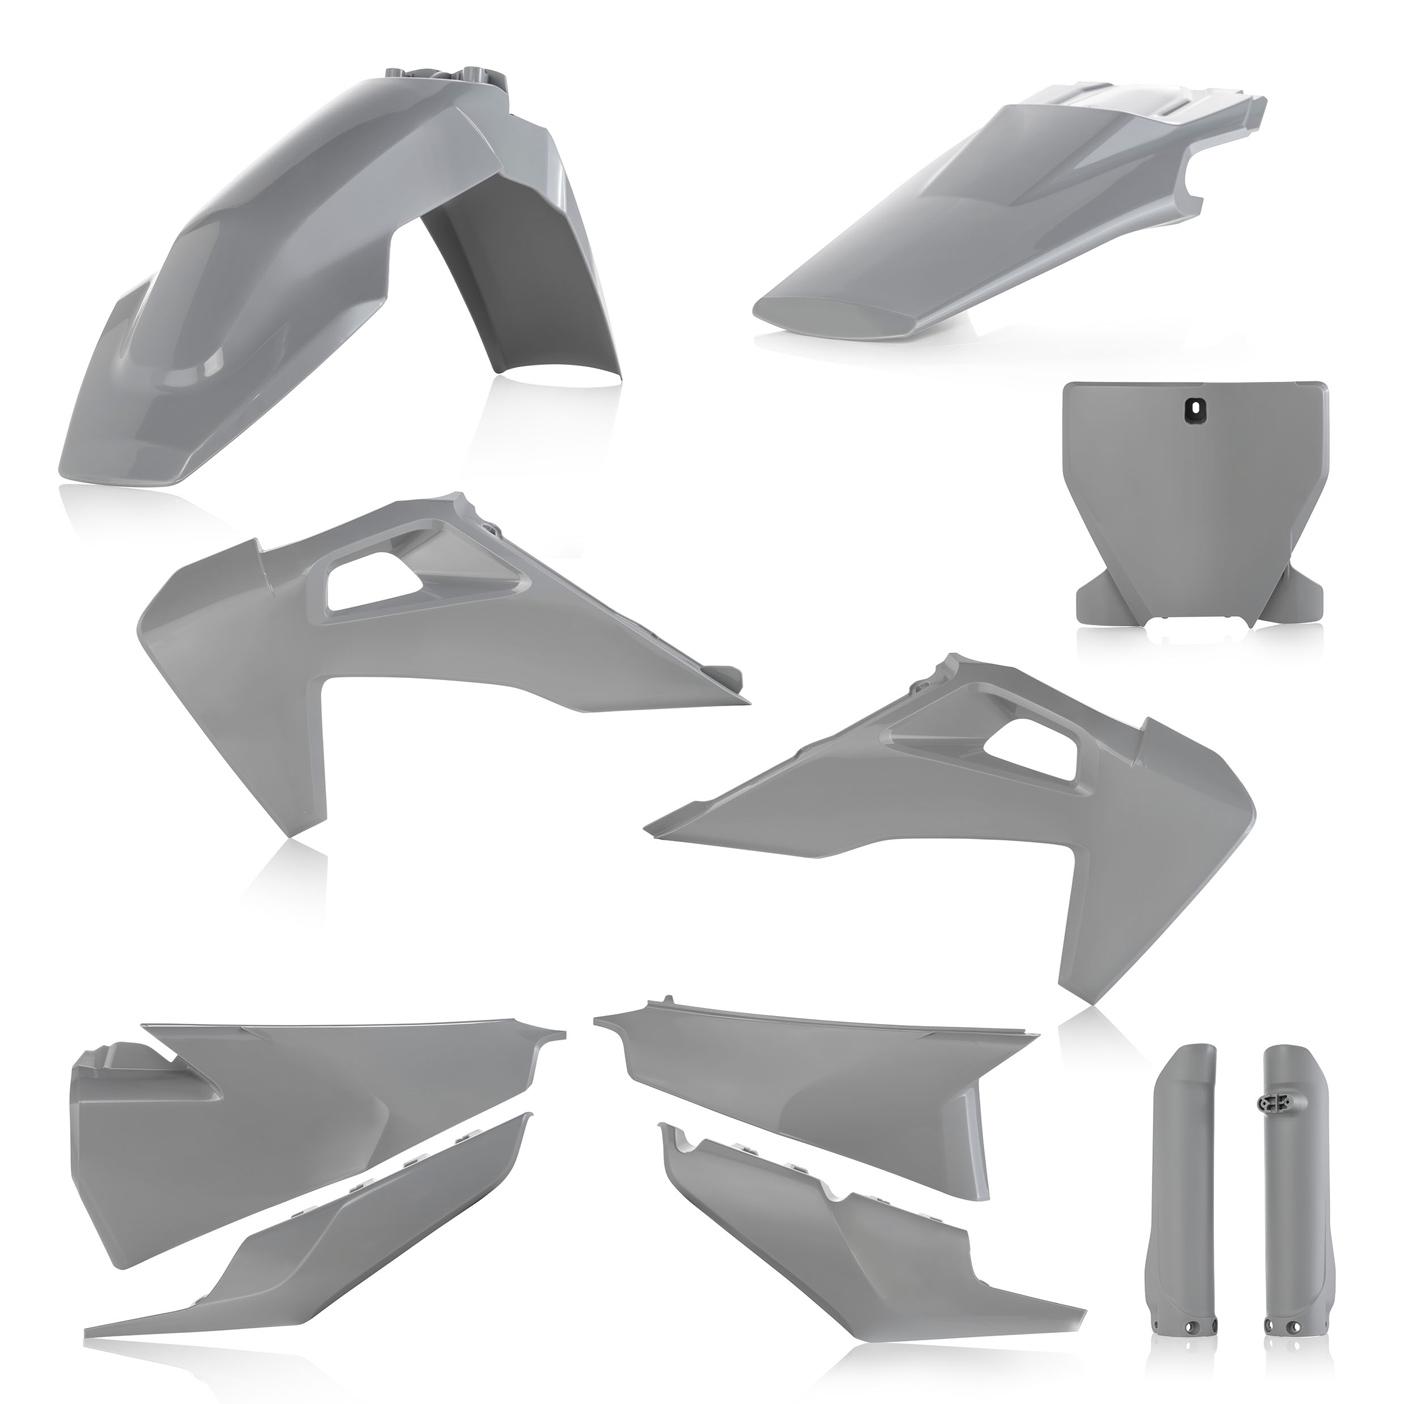 Plastikteile für deine Husqvarna FC und TC in grau, bestehend aus Frontkotflügel, Heckkotflügel, Tankspoiler, Seitenteilen, Front-Tafel und Gabelschoner